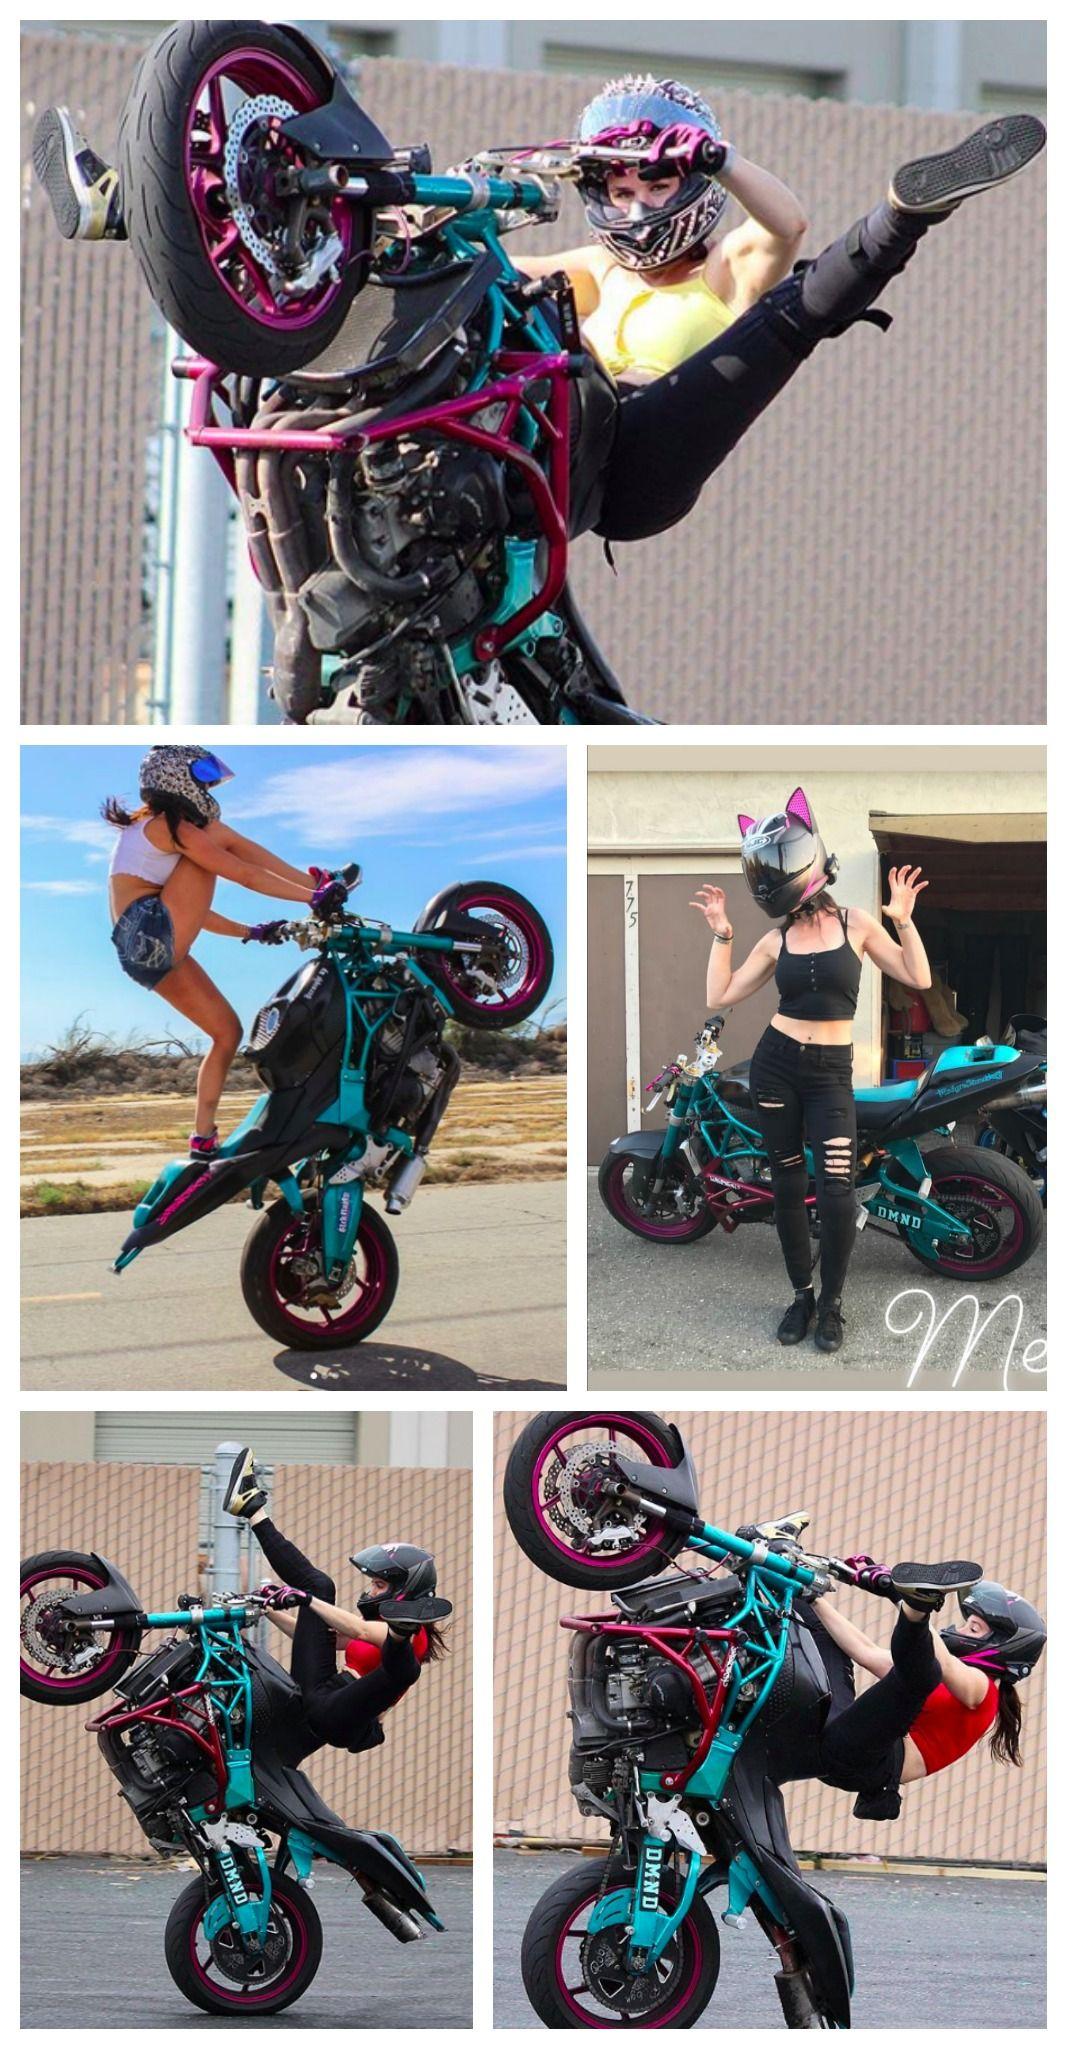 Cat Ear Motorcycle Helmet by HJC + HelmetUpgrades Rider